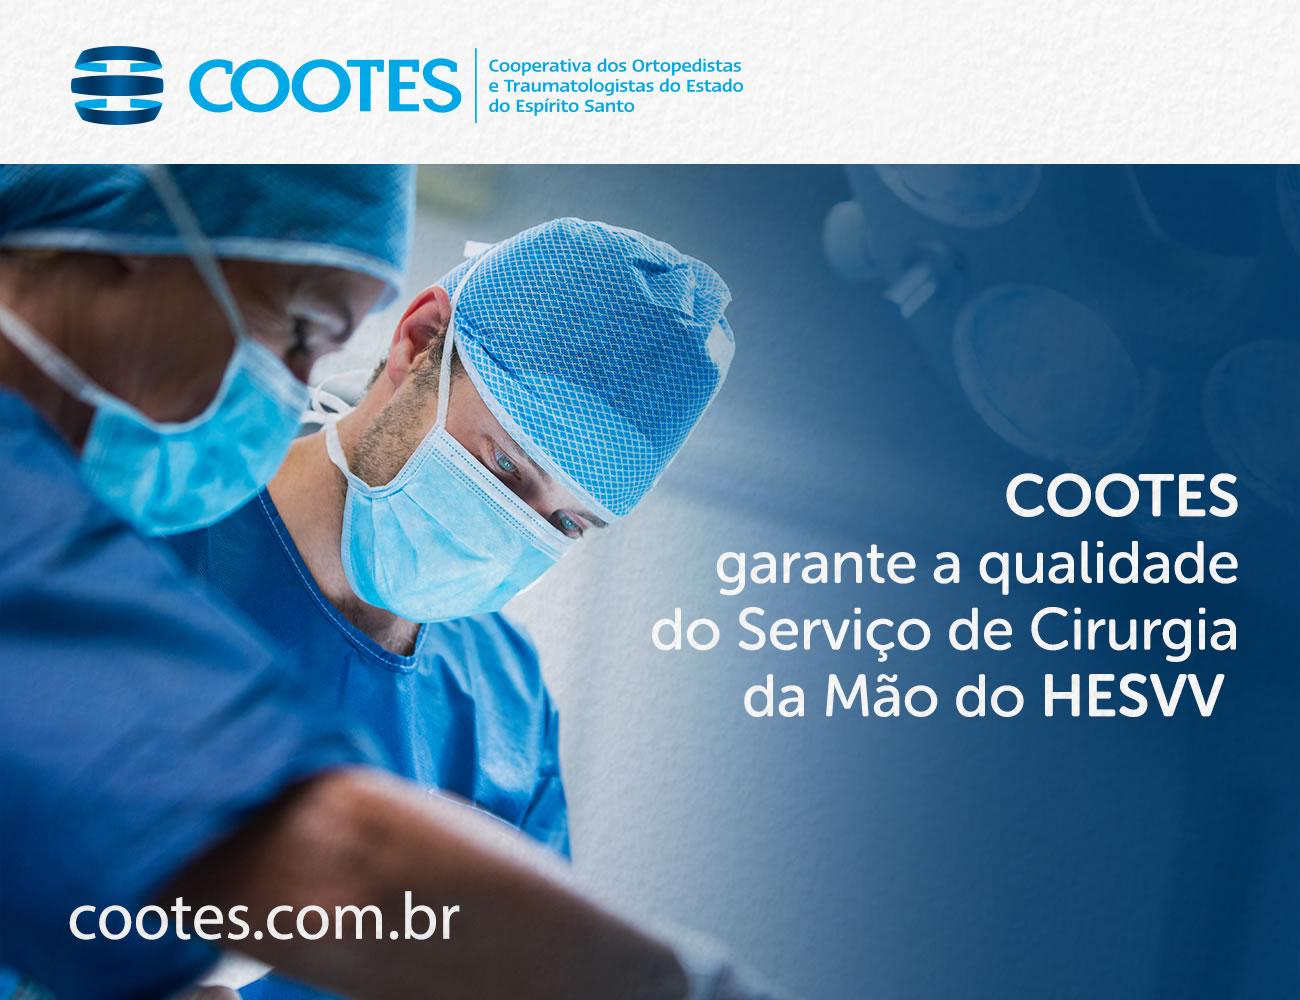 COOTES garante a qualidade do Serviço de Cirurgia da Mão do HESVV